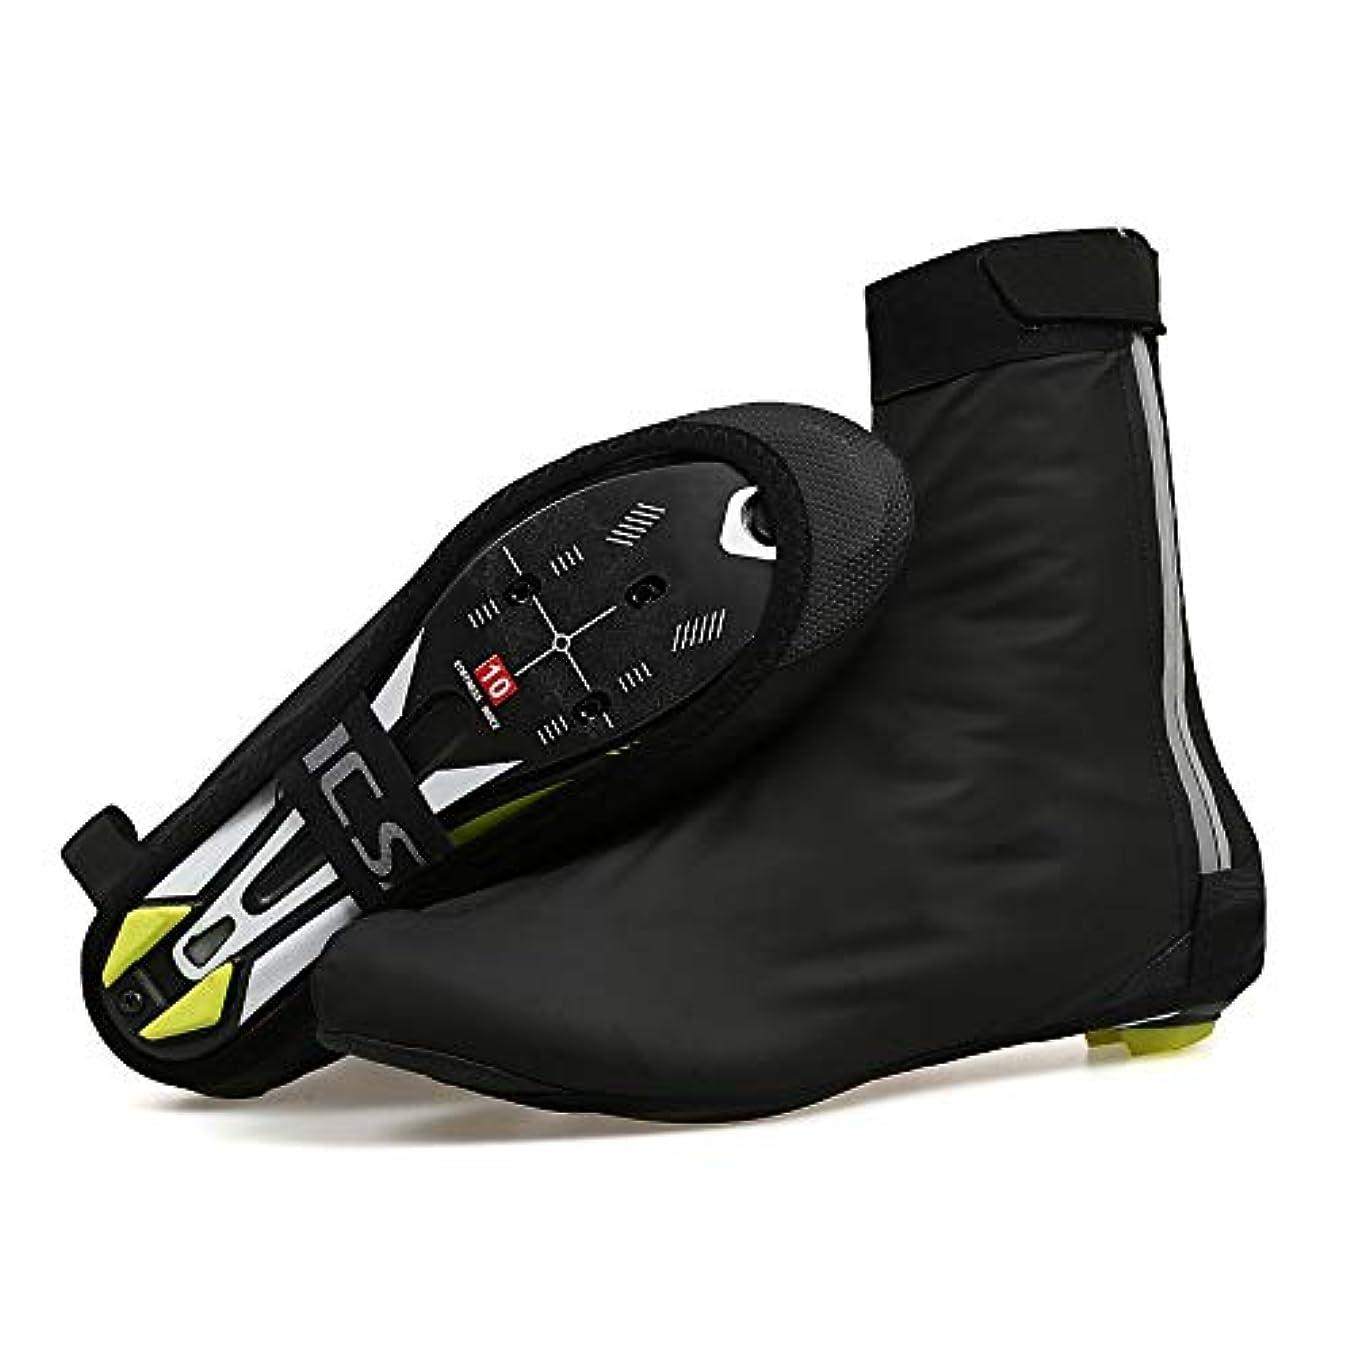 疲れた読みやすい小さなOkiiting 防水再利用可能な厚手ソール反射暖かい靴カバーロードバイク自転車レースのオーバーシューズサイクリングオーバーレイハイ(米国サイズ)防水防風の暖かい暖かいウール うまく設計された (Size : L(5.5-8))